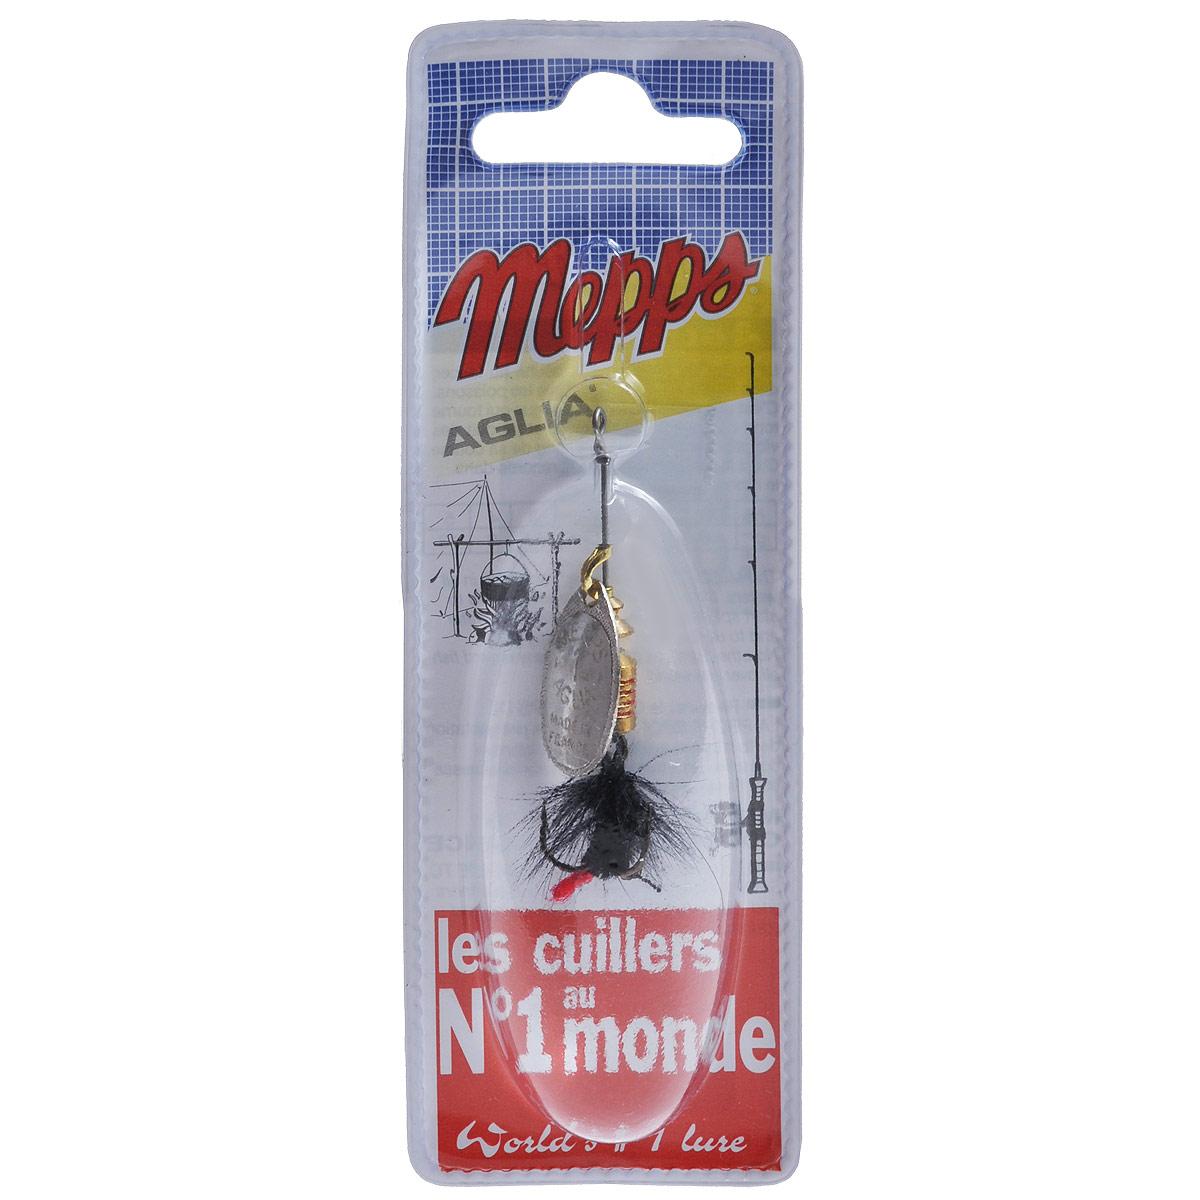 Блесна Mepps Aglia AG Mouch. Noire, вращающаяся, №15762Вращающаяся блесна Mepps Aglia AG Mouch. Noire оснащена мушкой из натурального беличьего хвоста, это очень эффективные приманки для ловли жереха, голавля, язя, окуня и других видов рыб, особенно в периоды массового вылета насекомых. Aglia Mouche - некрупная блесна, которая особенно подходит для летней ловли рыбы (особенно осторожной) на мелководье.